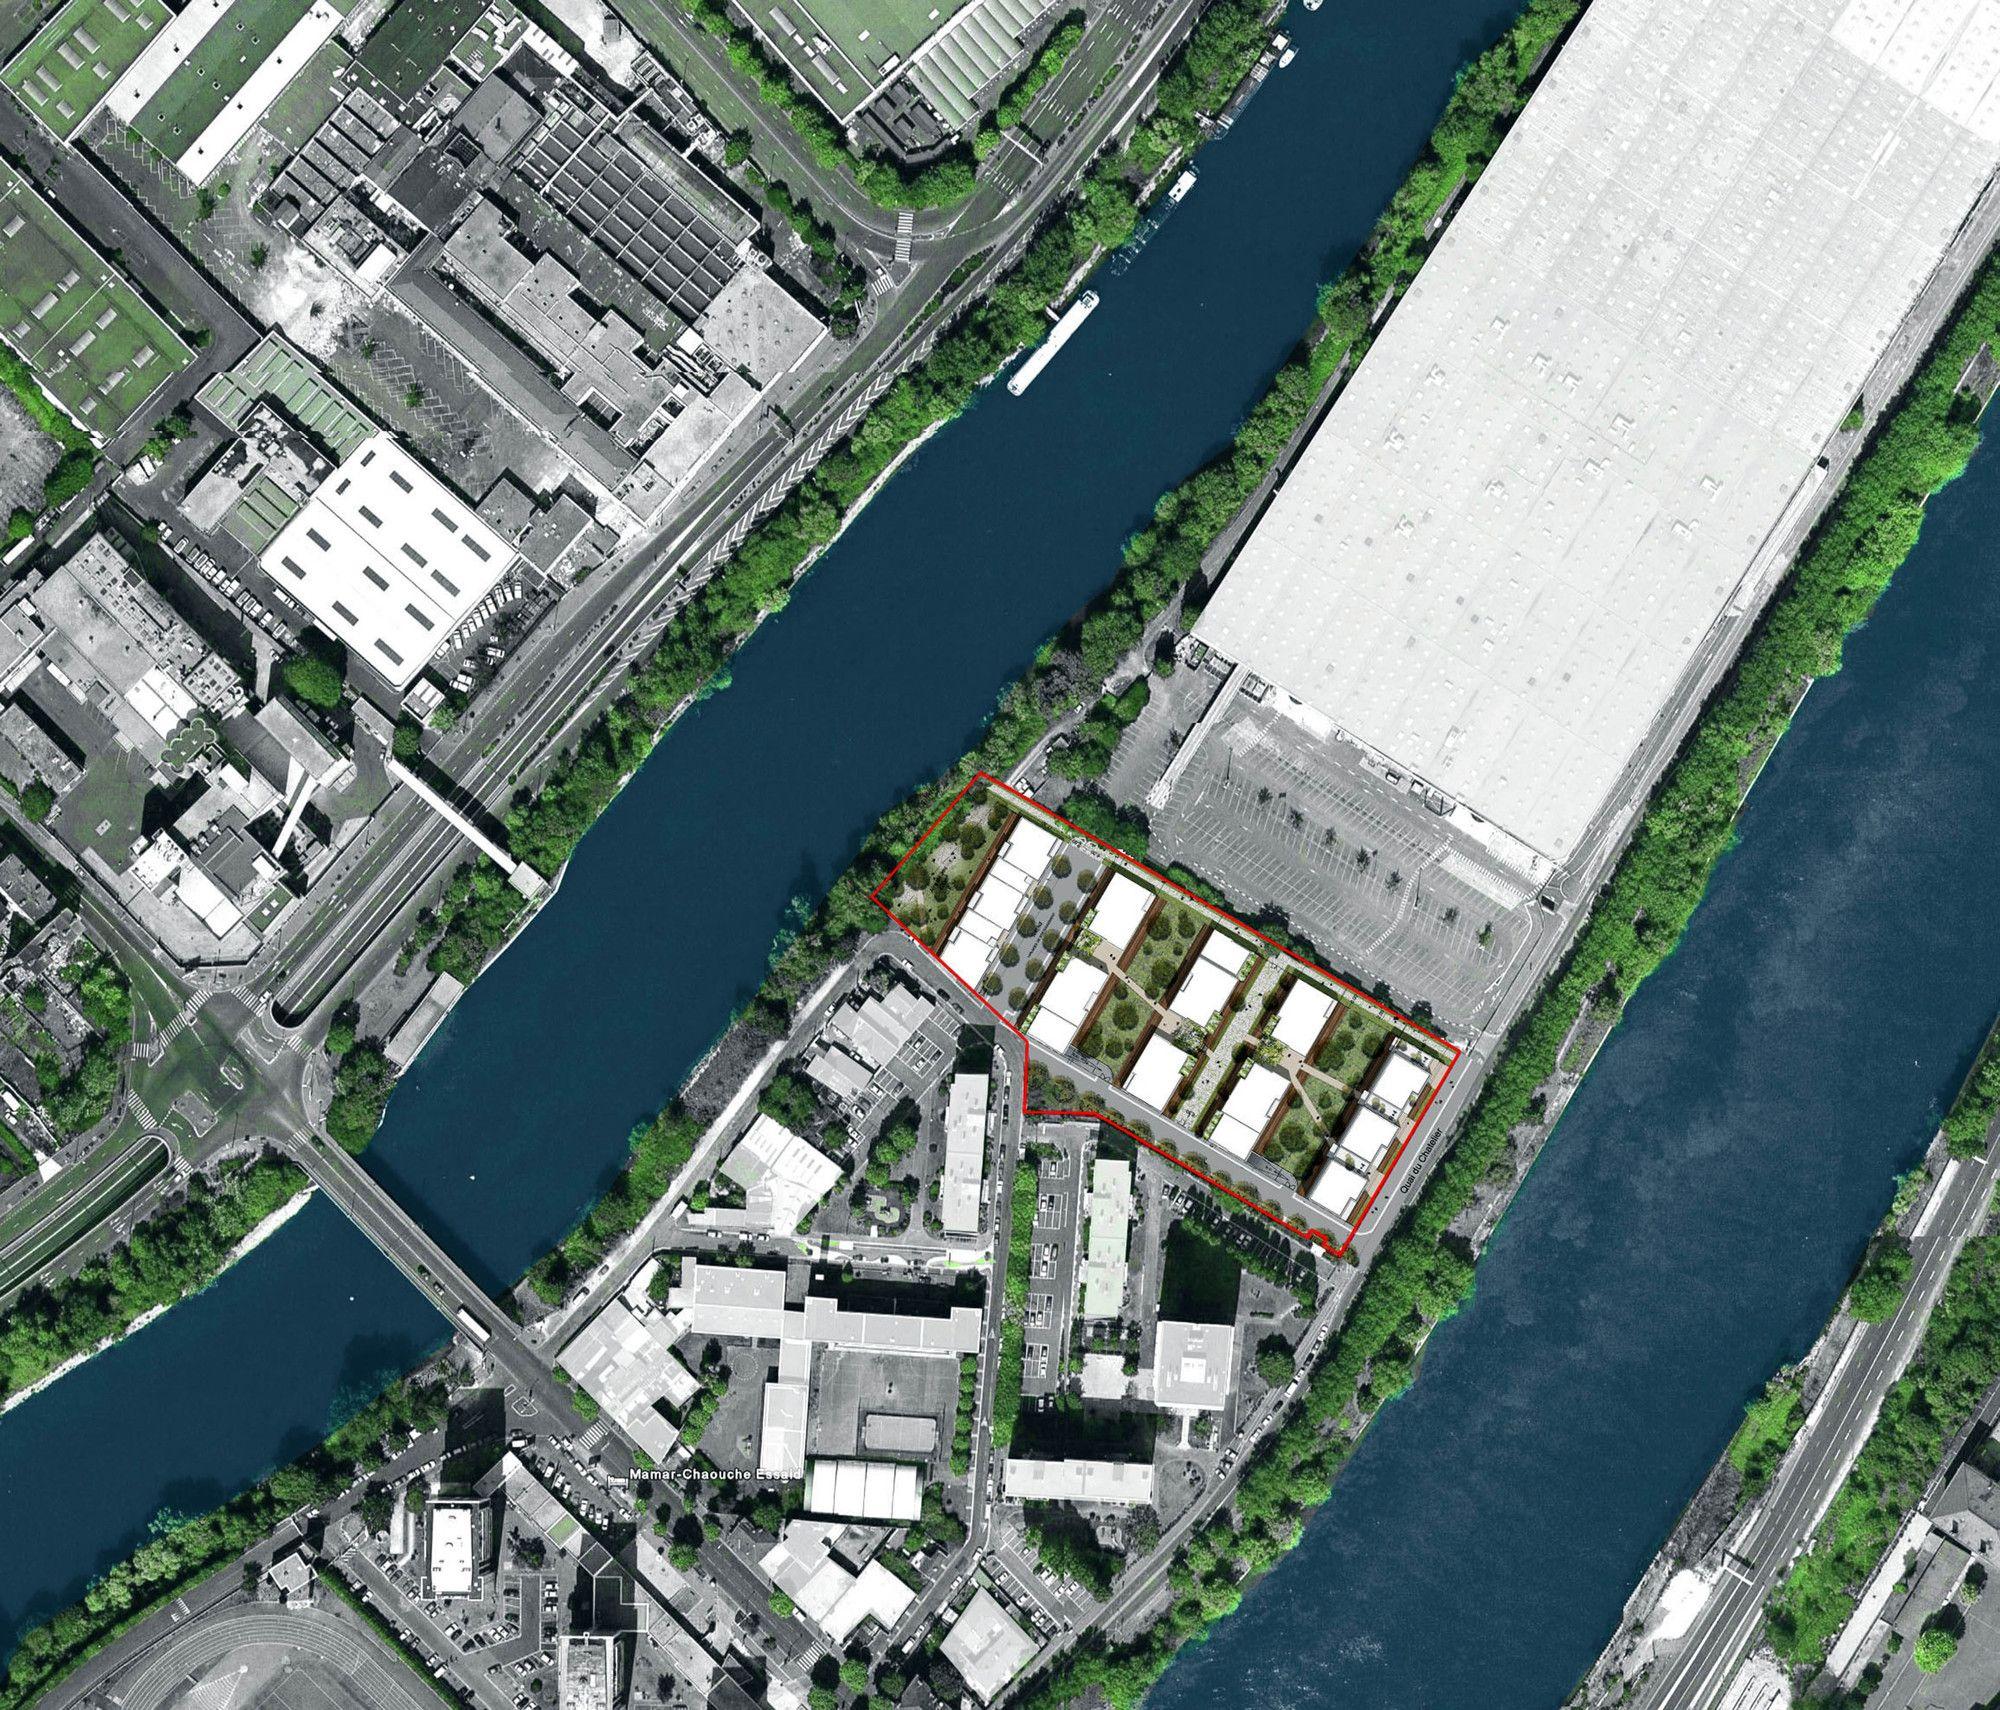 Imagem 13 de 17 da galeria de Entre Deux Rives / PHILIPPON - KALT Architects. Implantação